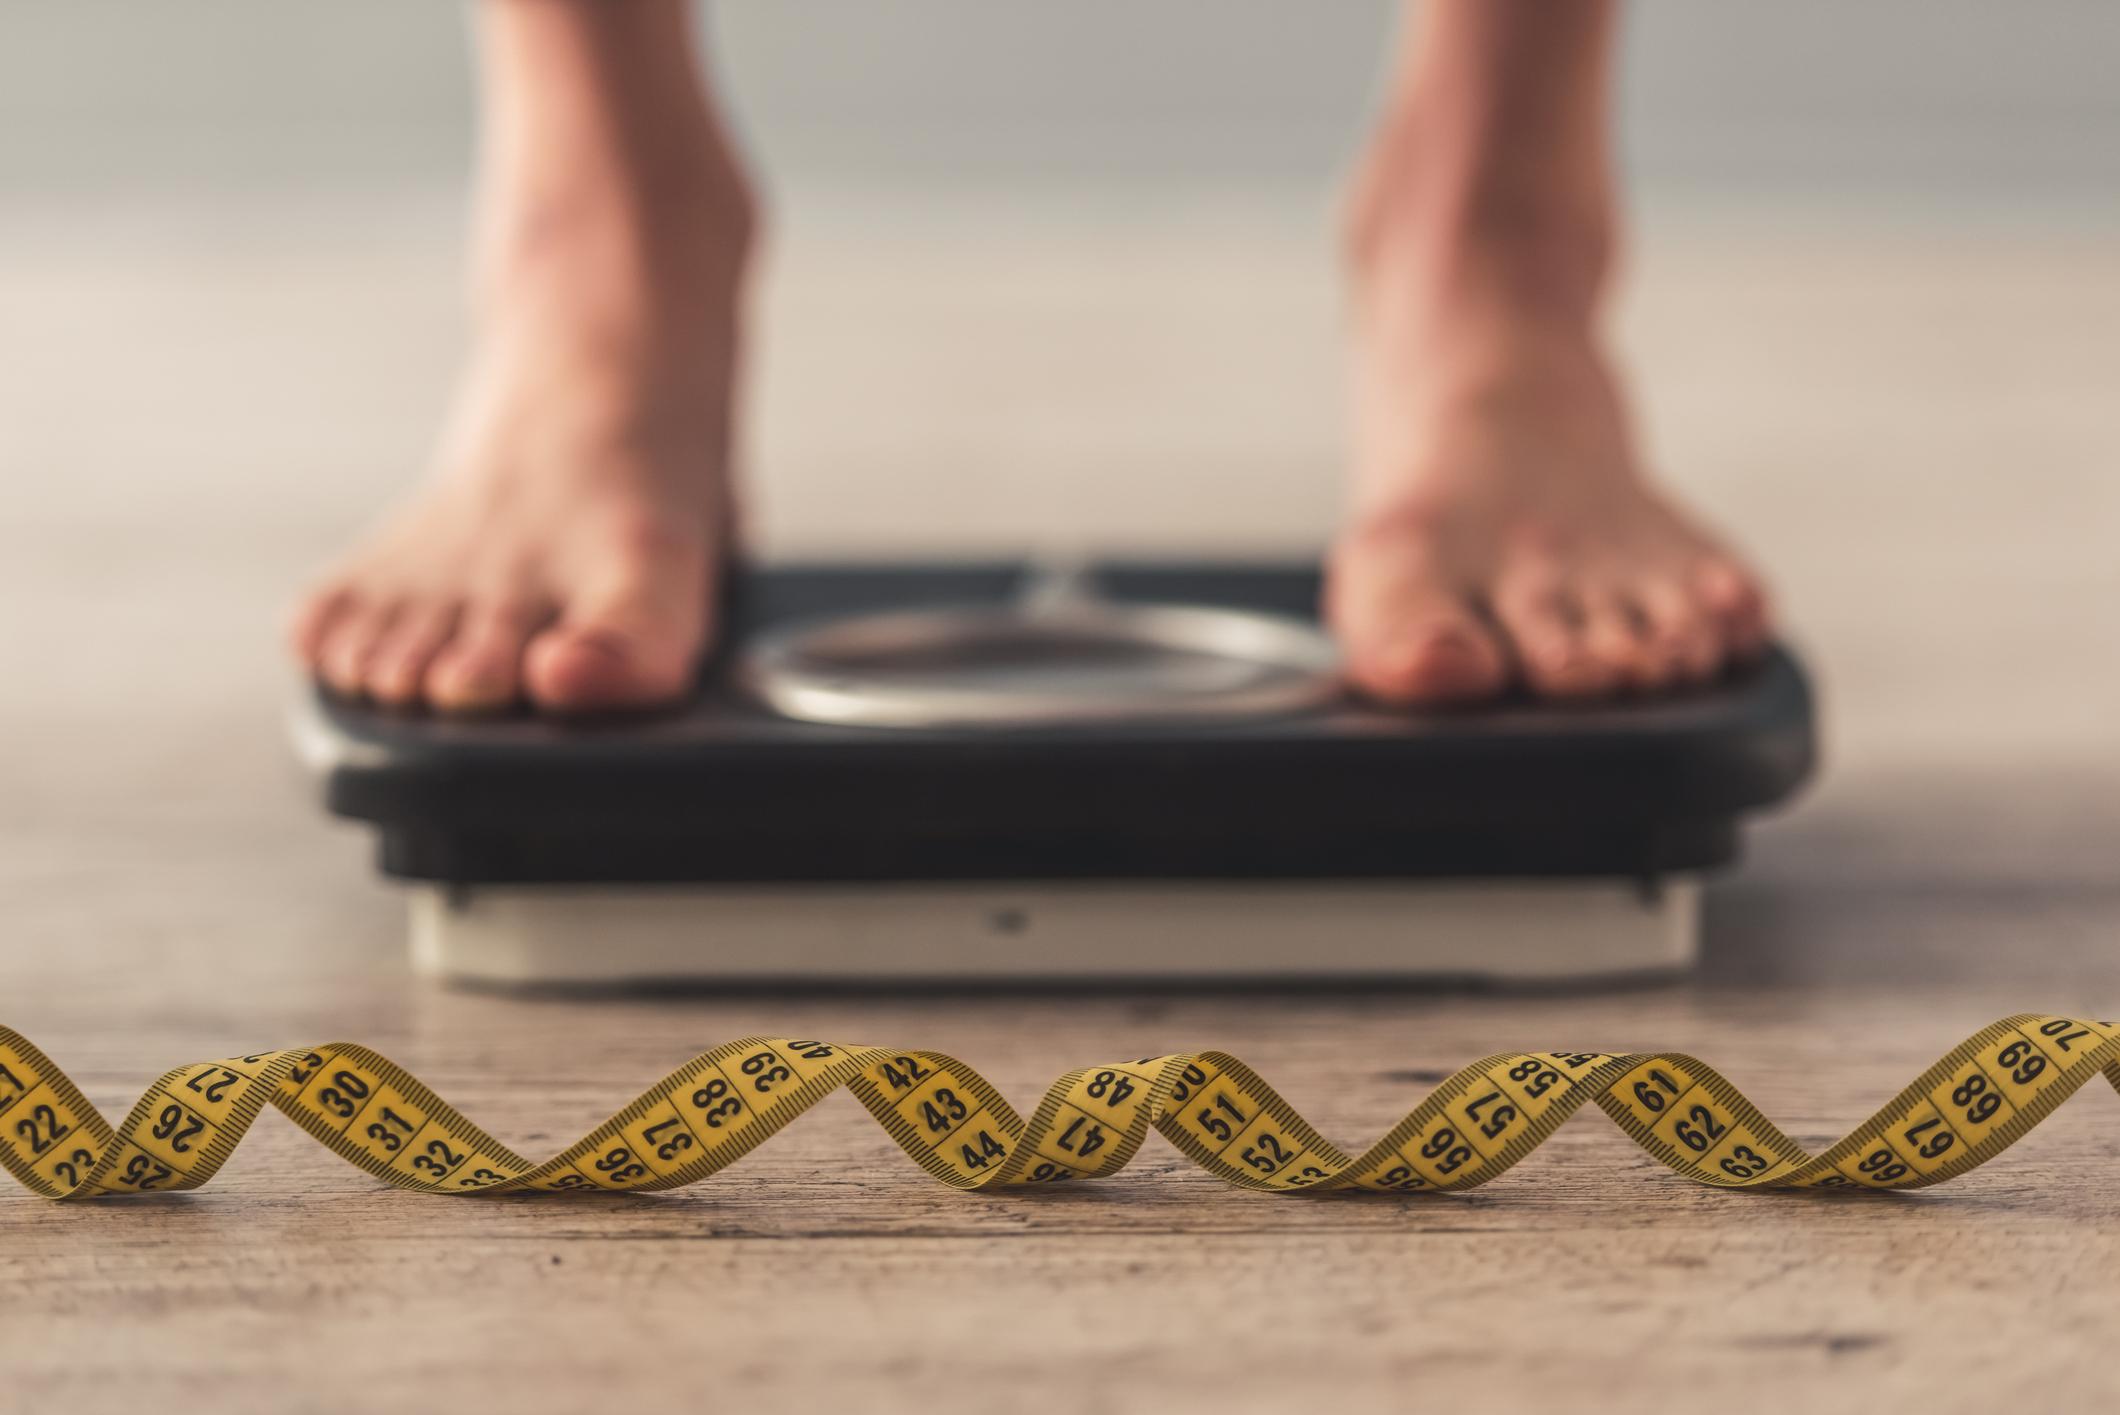 cel mai bun mod de a pierde multă greutate